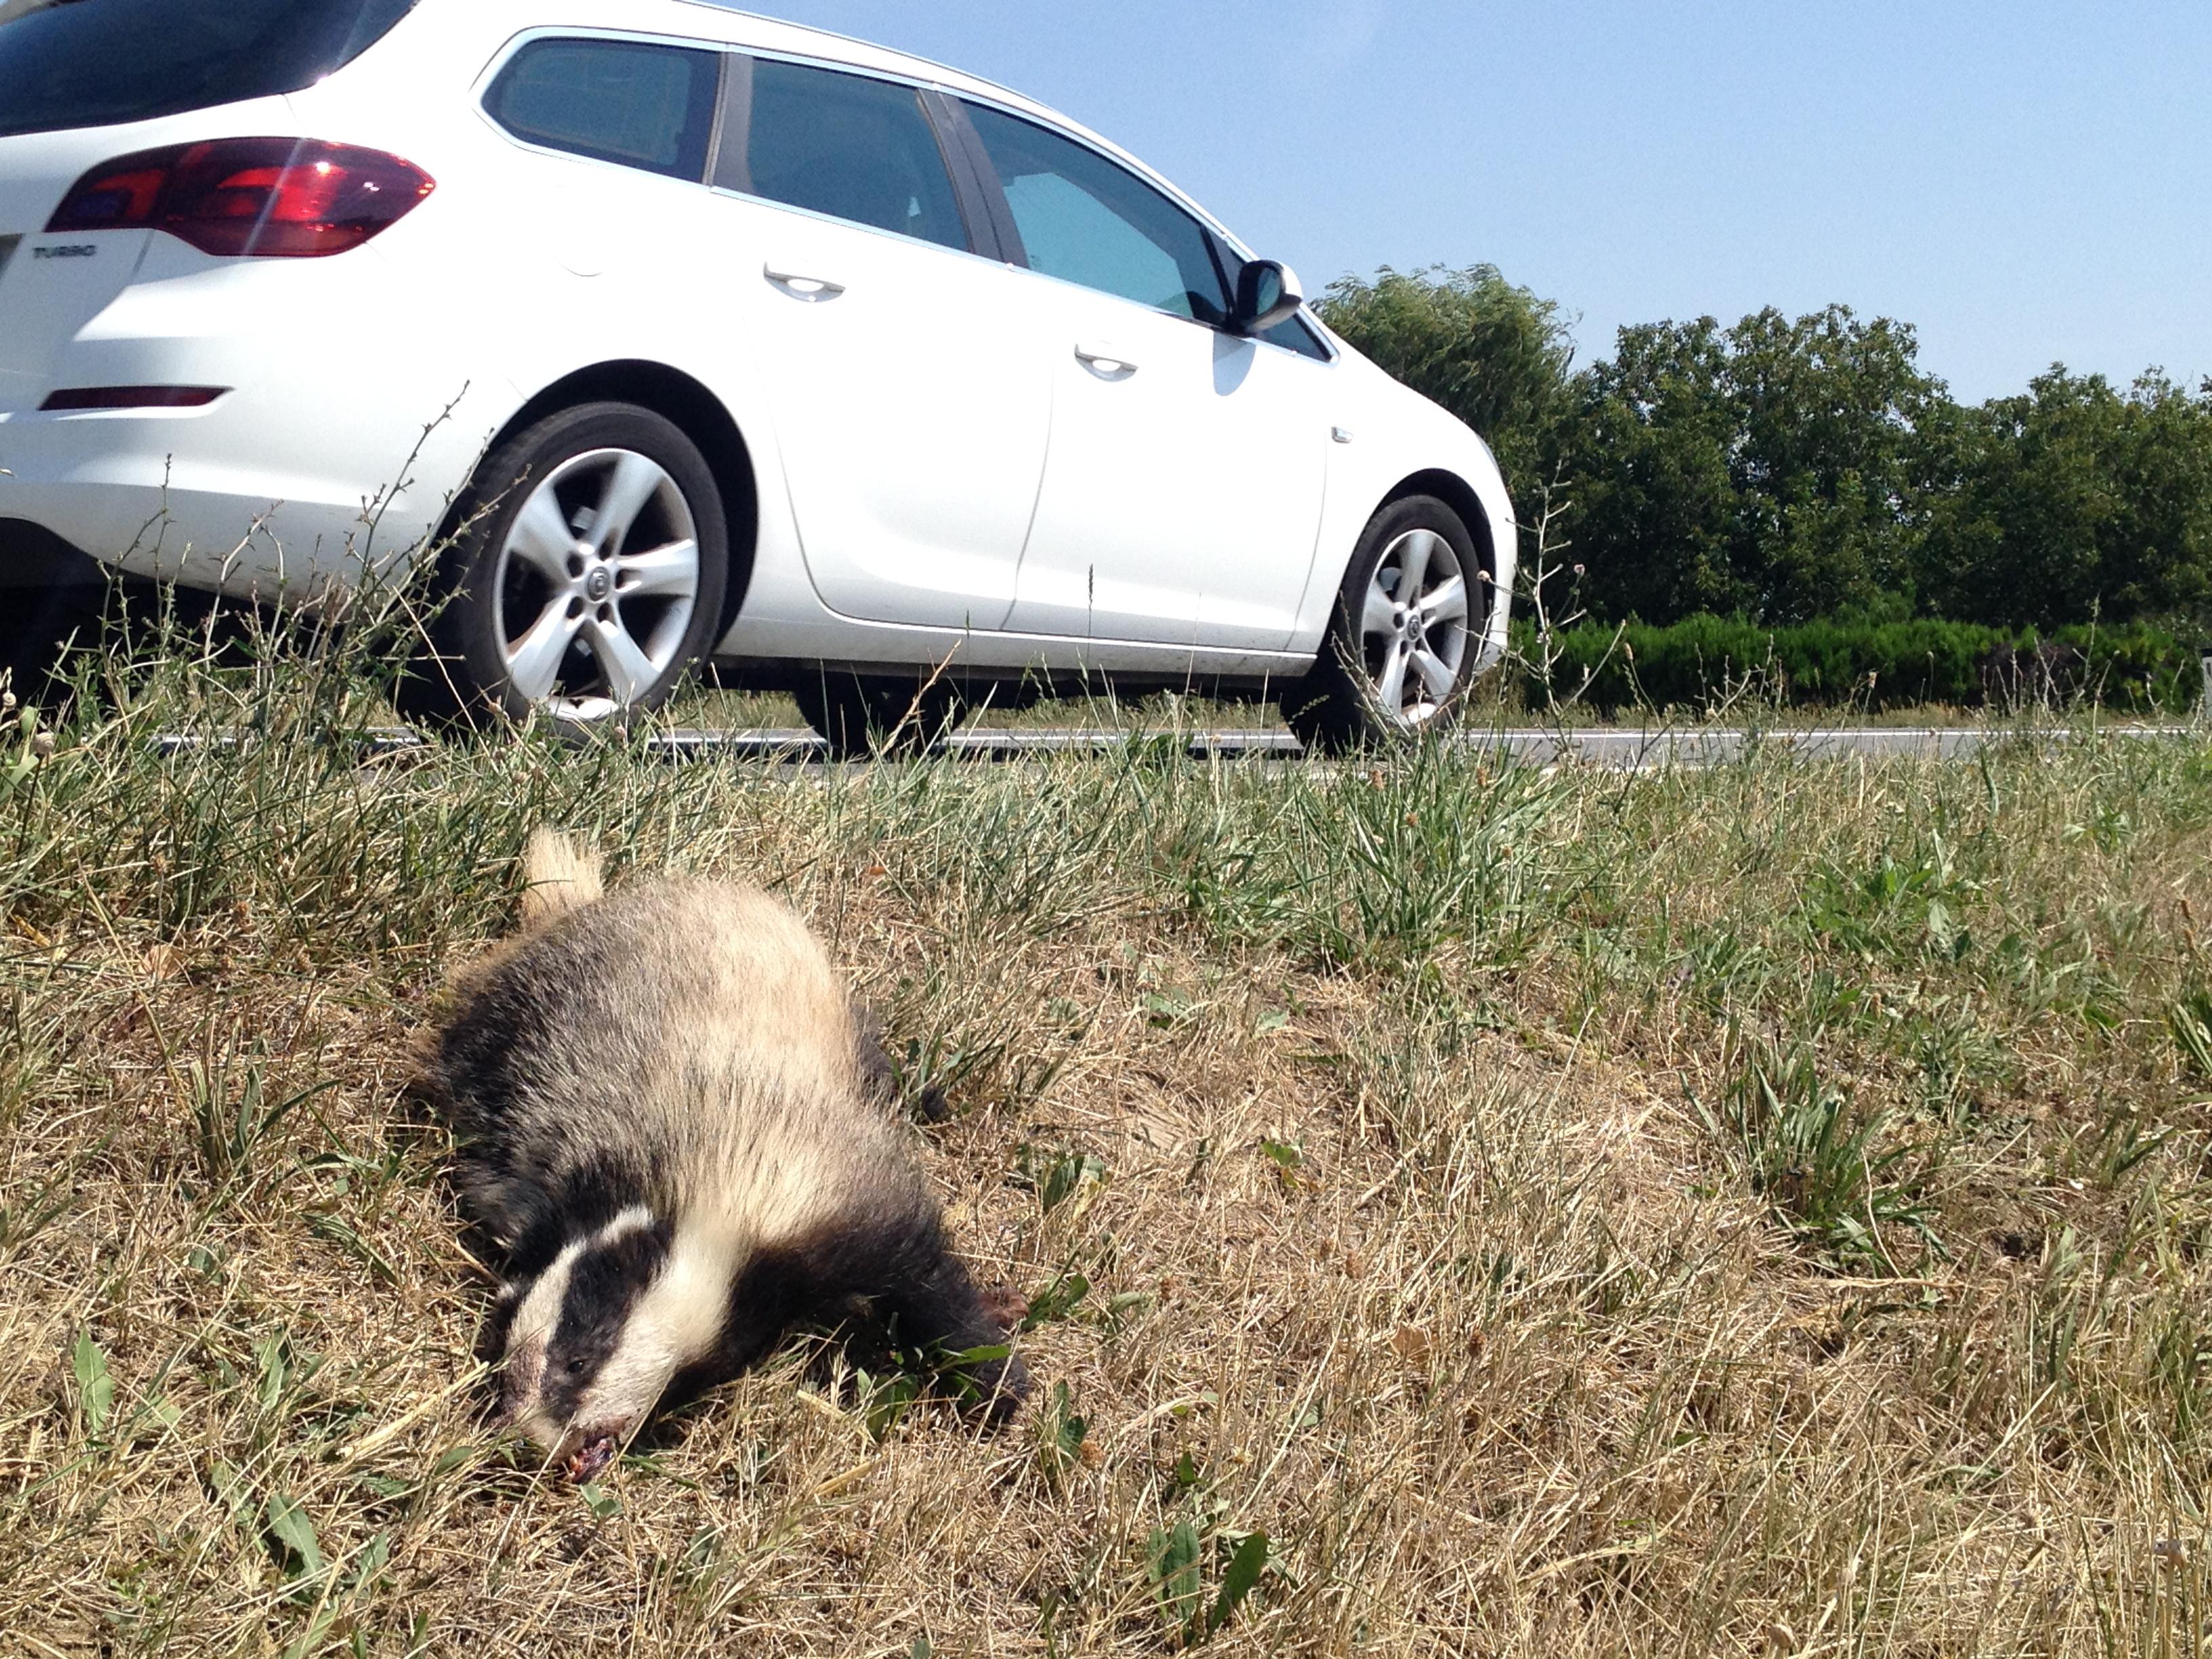 Watch Roadkill (2011) Online Free Putlocker